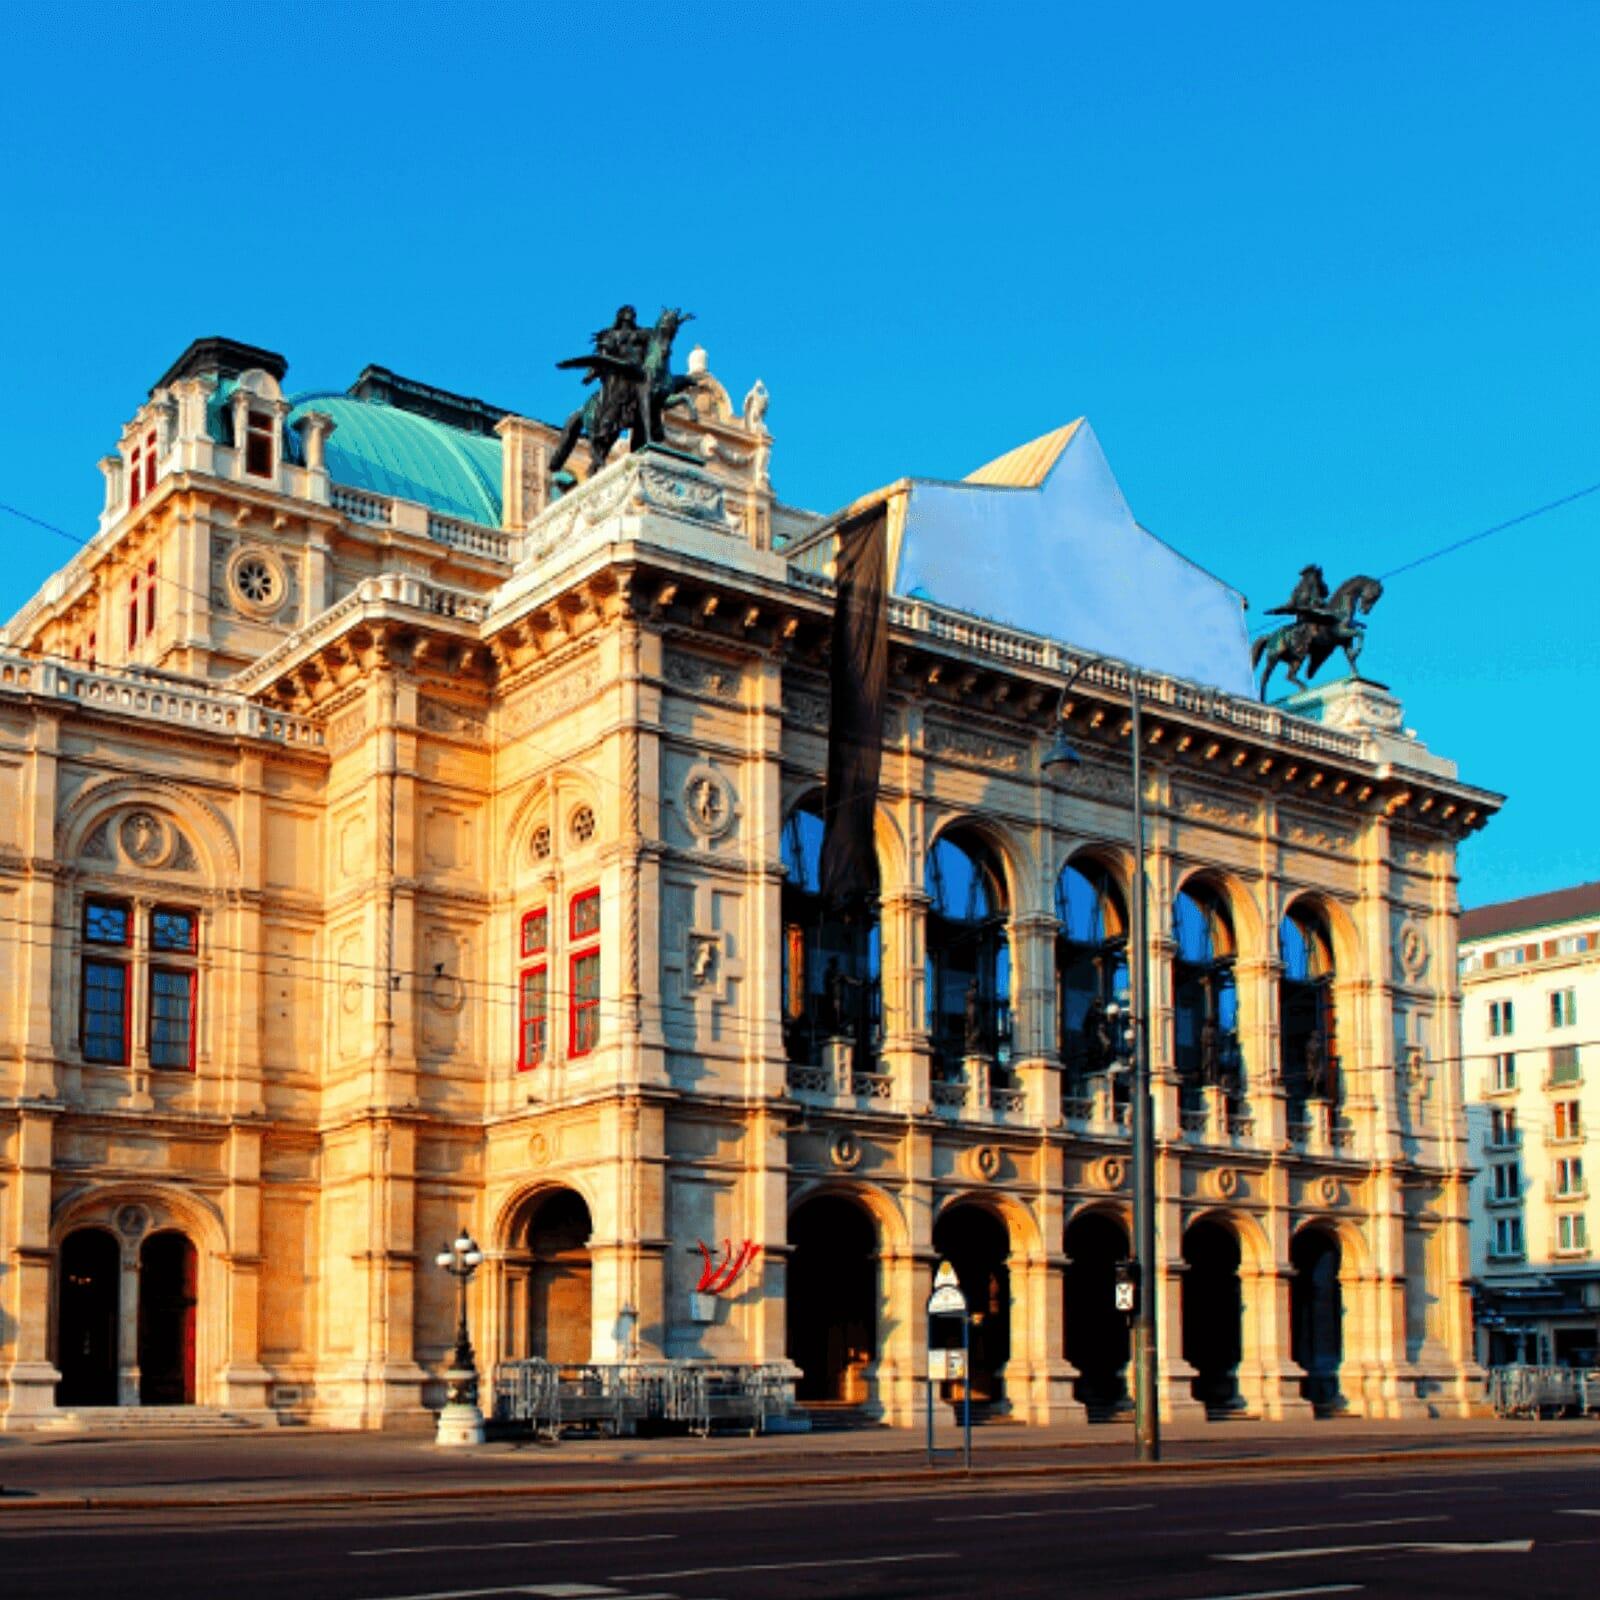 Familienmanagerin / Nanny in Wien, Österreich gesucht